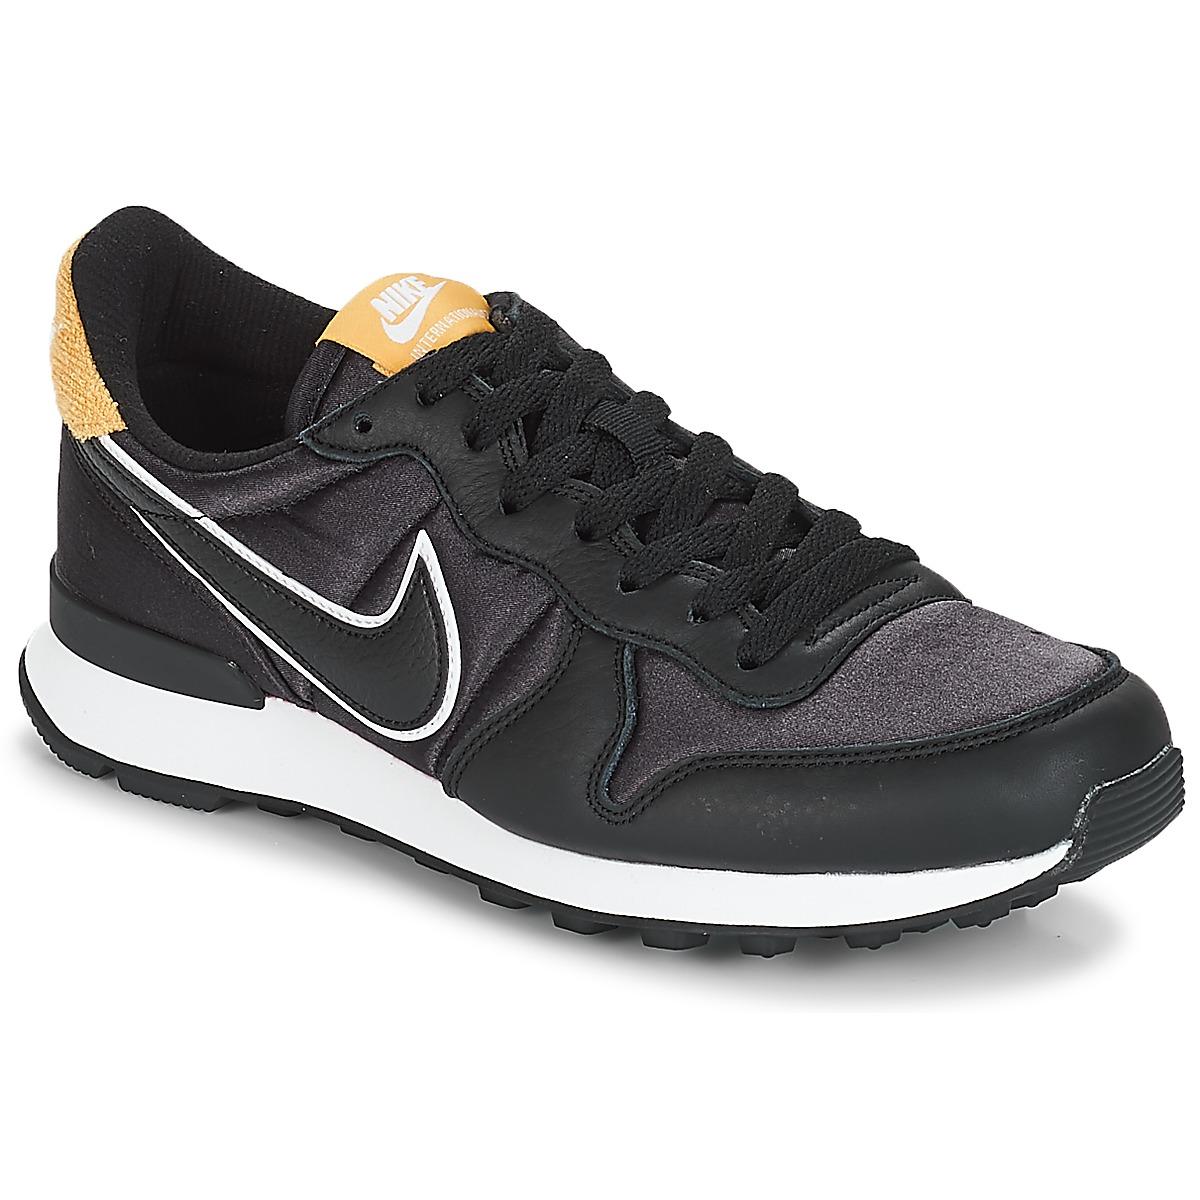 Nike INTERNATIONALIST HEAT Fekete   Arany - Ingyenes Kiszállítás a  SPARTOO.HU-mal ! - Cipők Rövid szárú edzőcipők Noi 26 743 Ft fc8a69caec